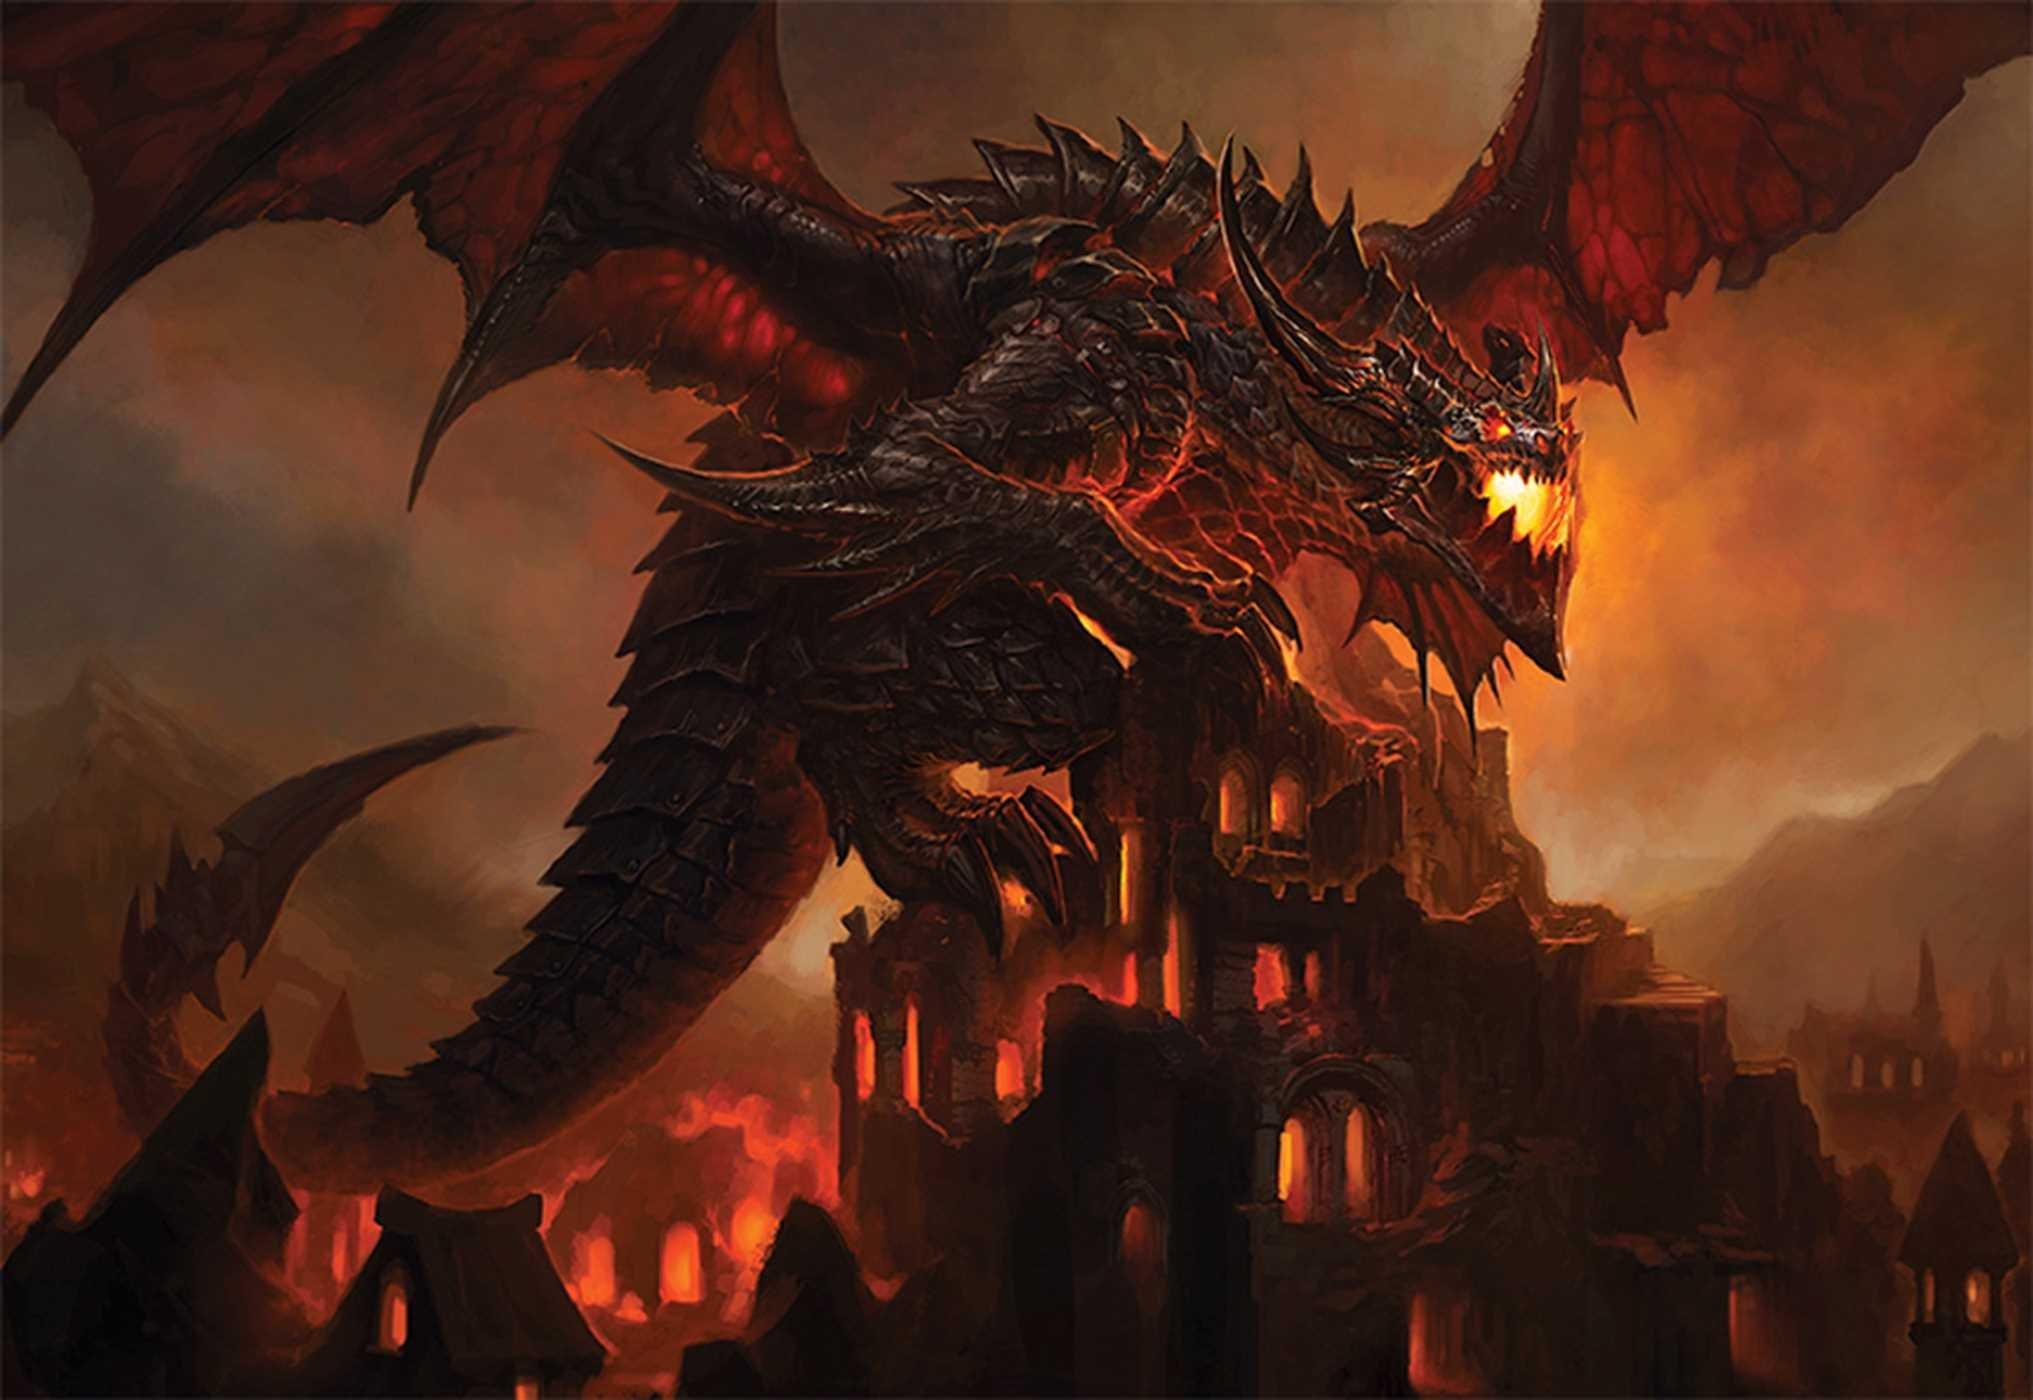 Best World Of Warcraft Fantasy Arts